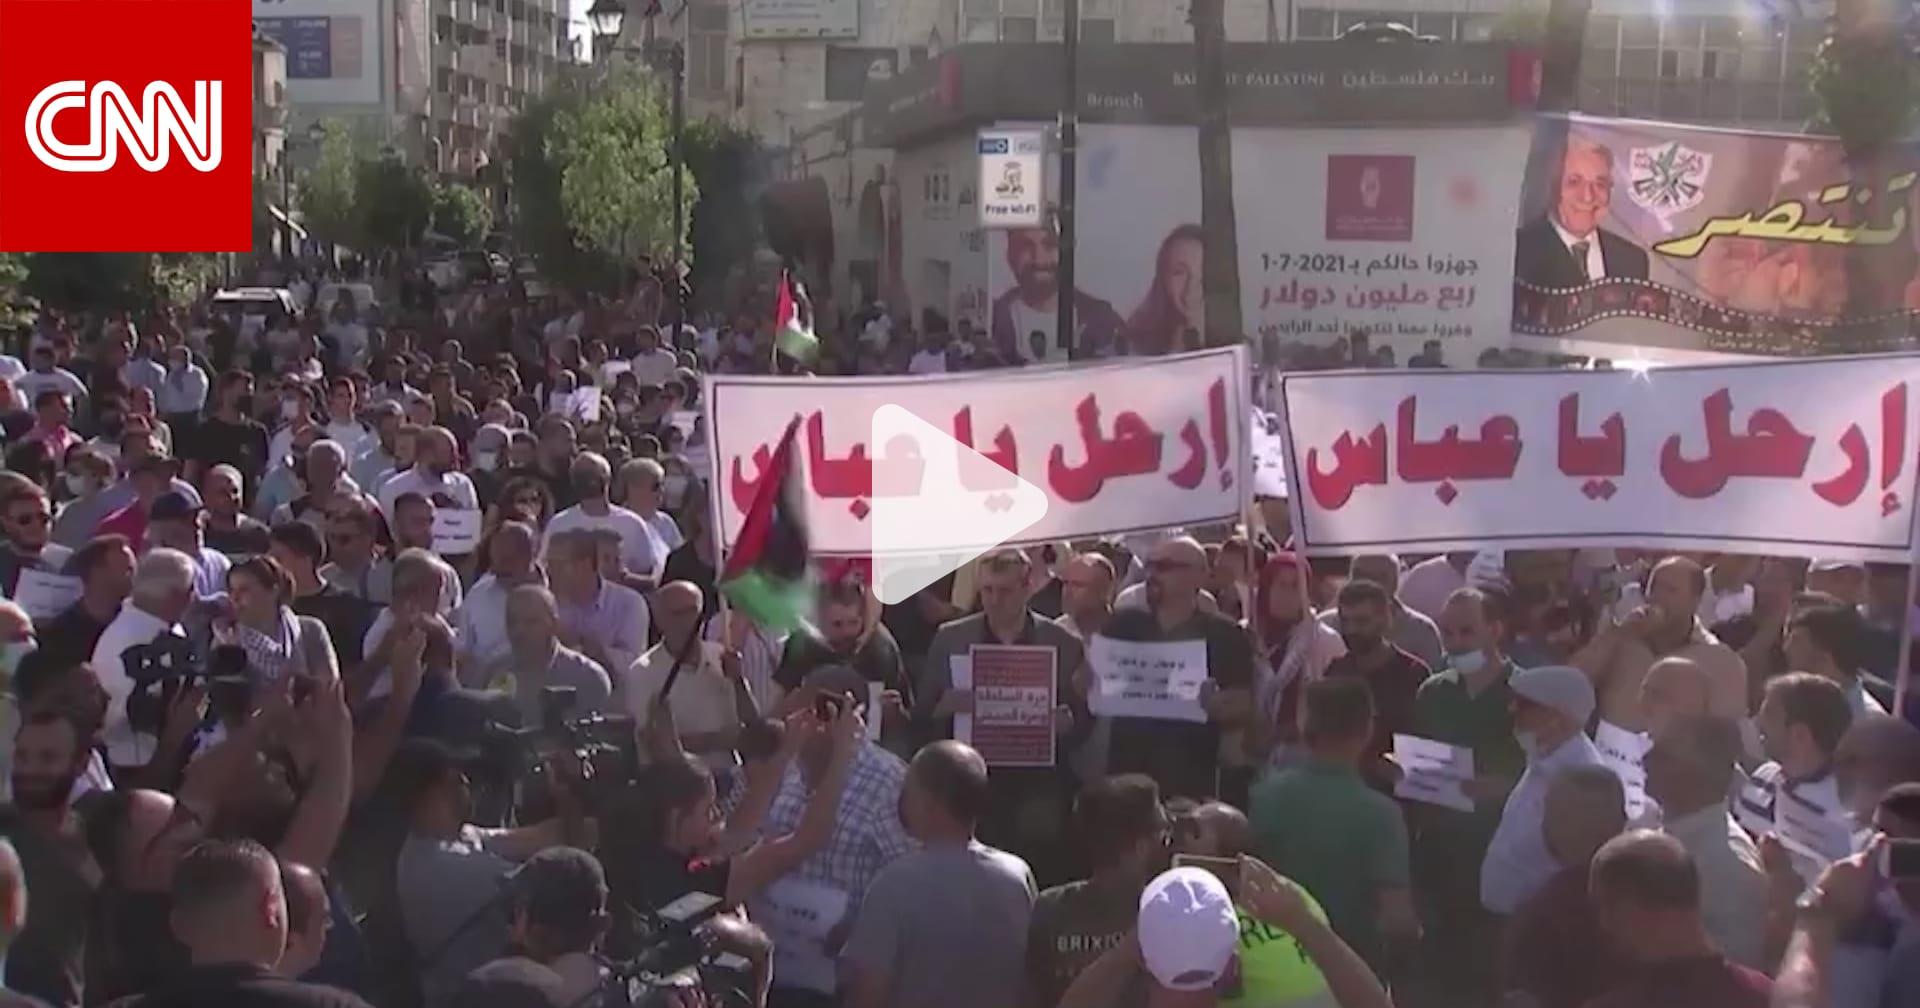 مظاهرات ضد السلطة الفلسطينية بعد مقتل نزار بنات.. ماذا يريد المحتجون؟